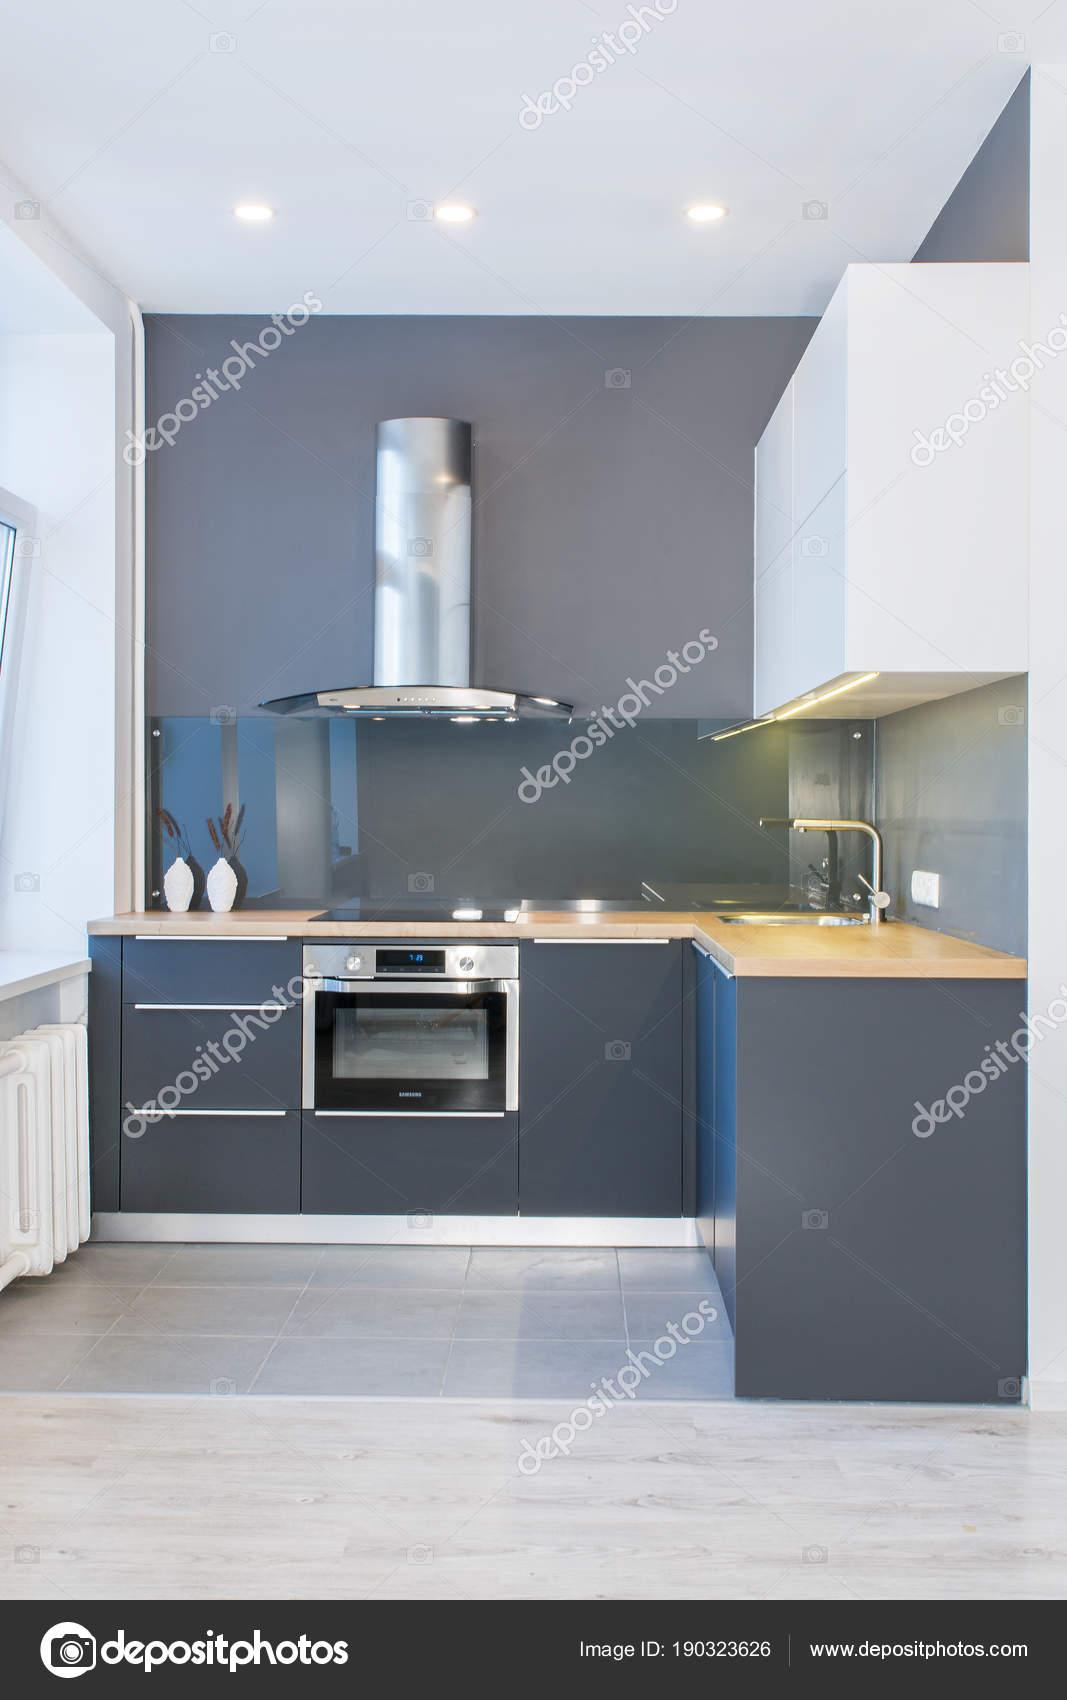 Interno Casa Moderna Design Moderno Cucina Luce Interno Con ...